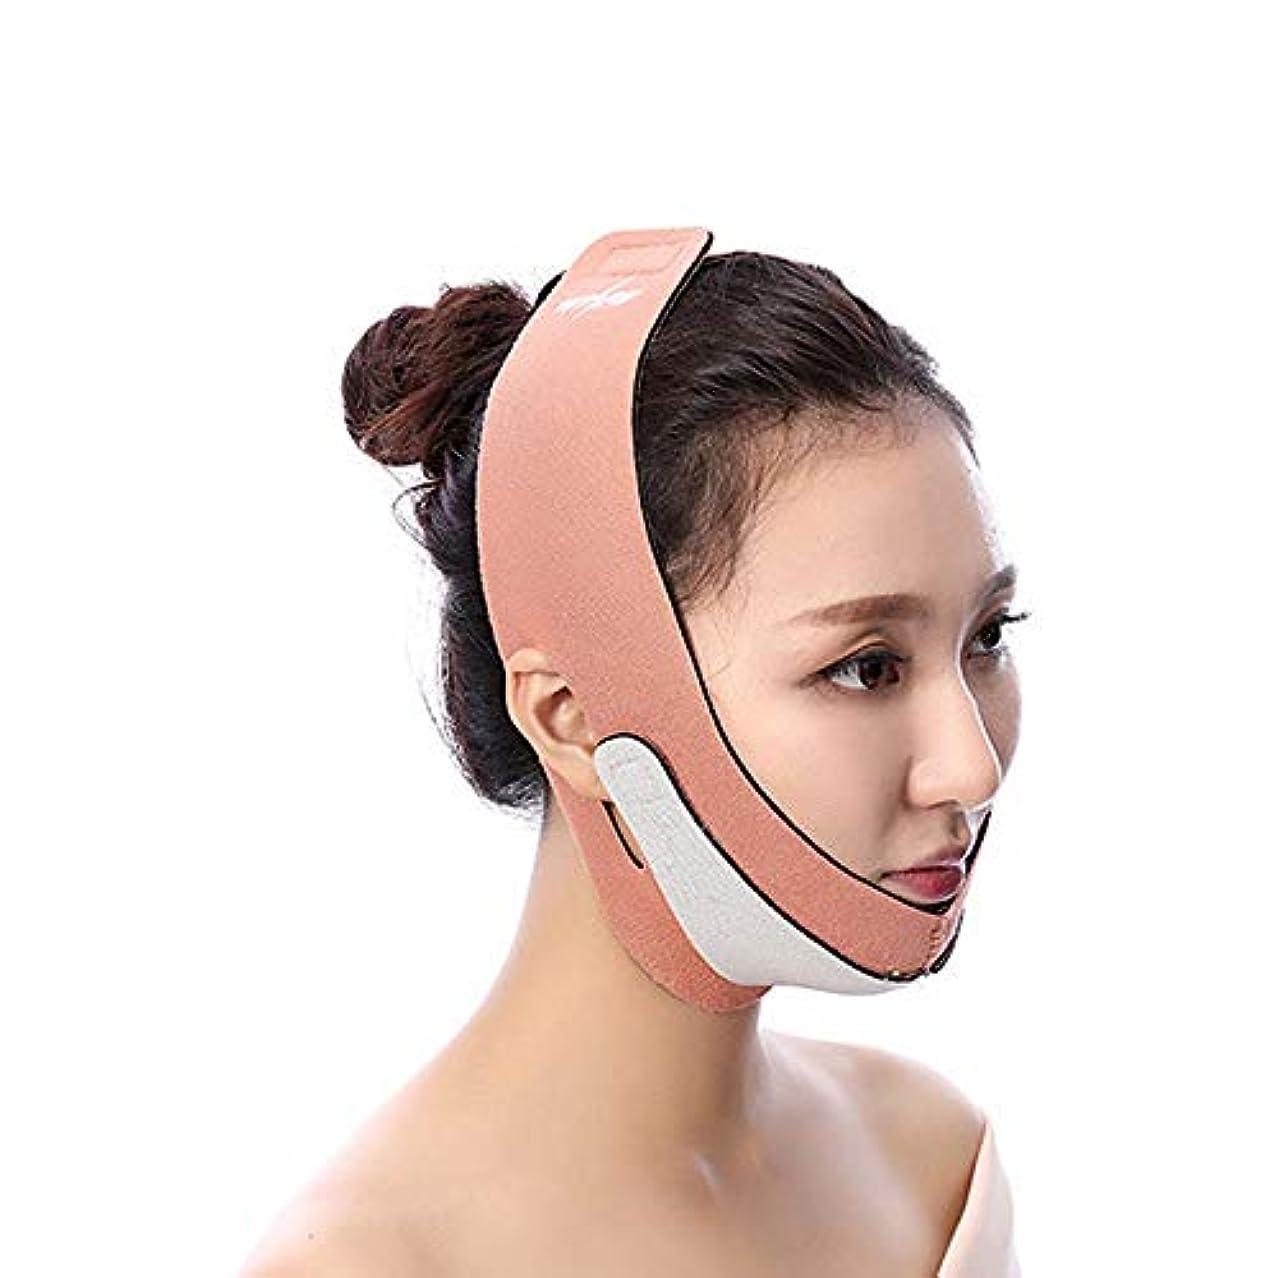 試みフォーク遡る薄型フェイスマスク、フェイスリフティングに最適、フェイスバンドを引き締めて肌の包帯を締め、頬あごの持ち上げ、肌の包帯を引き締める(ワンサイズはすべてにフィット) (Color : Orange)